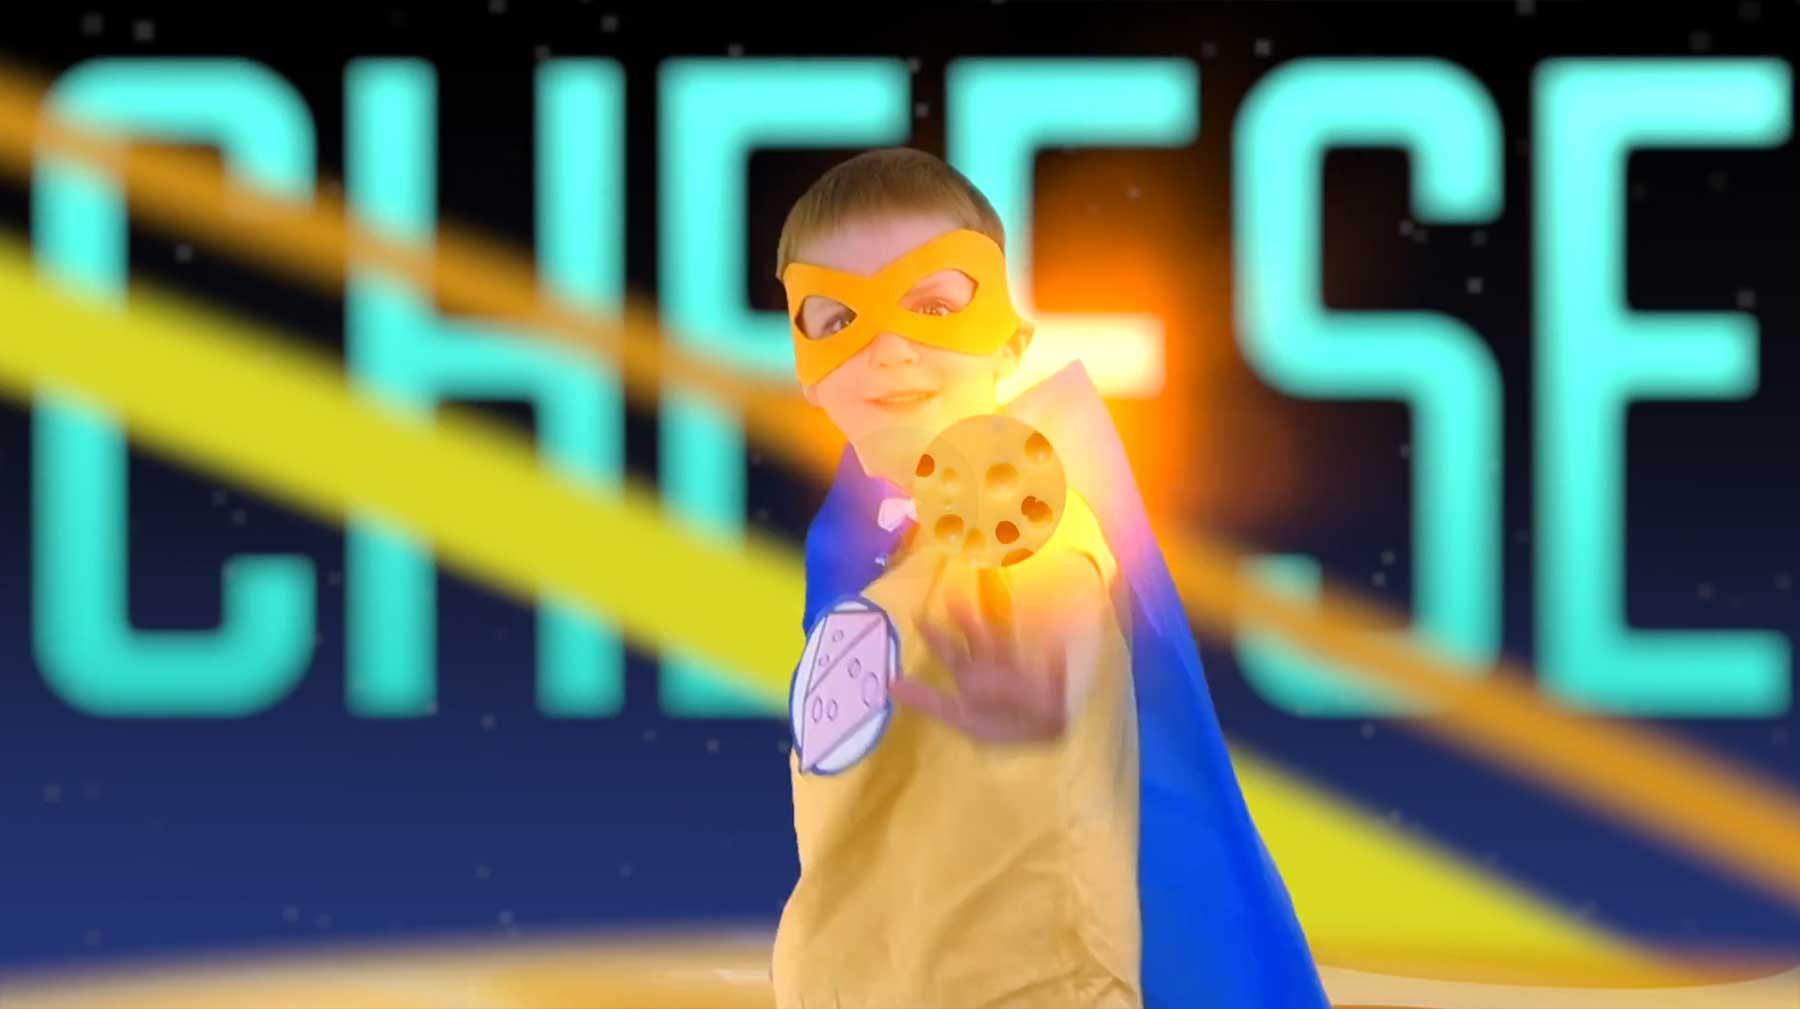 Papa erstellt Kurzfilm nach Vorgaben seines 5-jährigen Sohnes